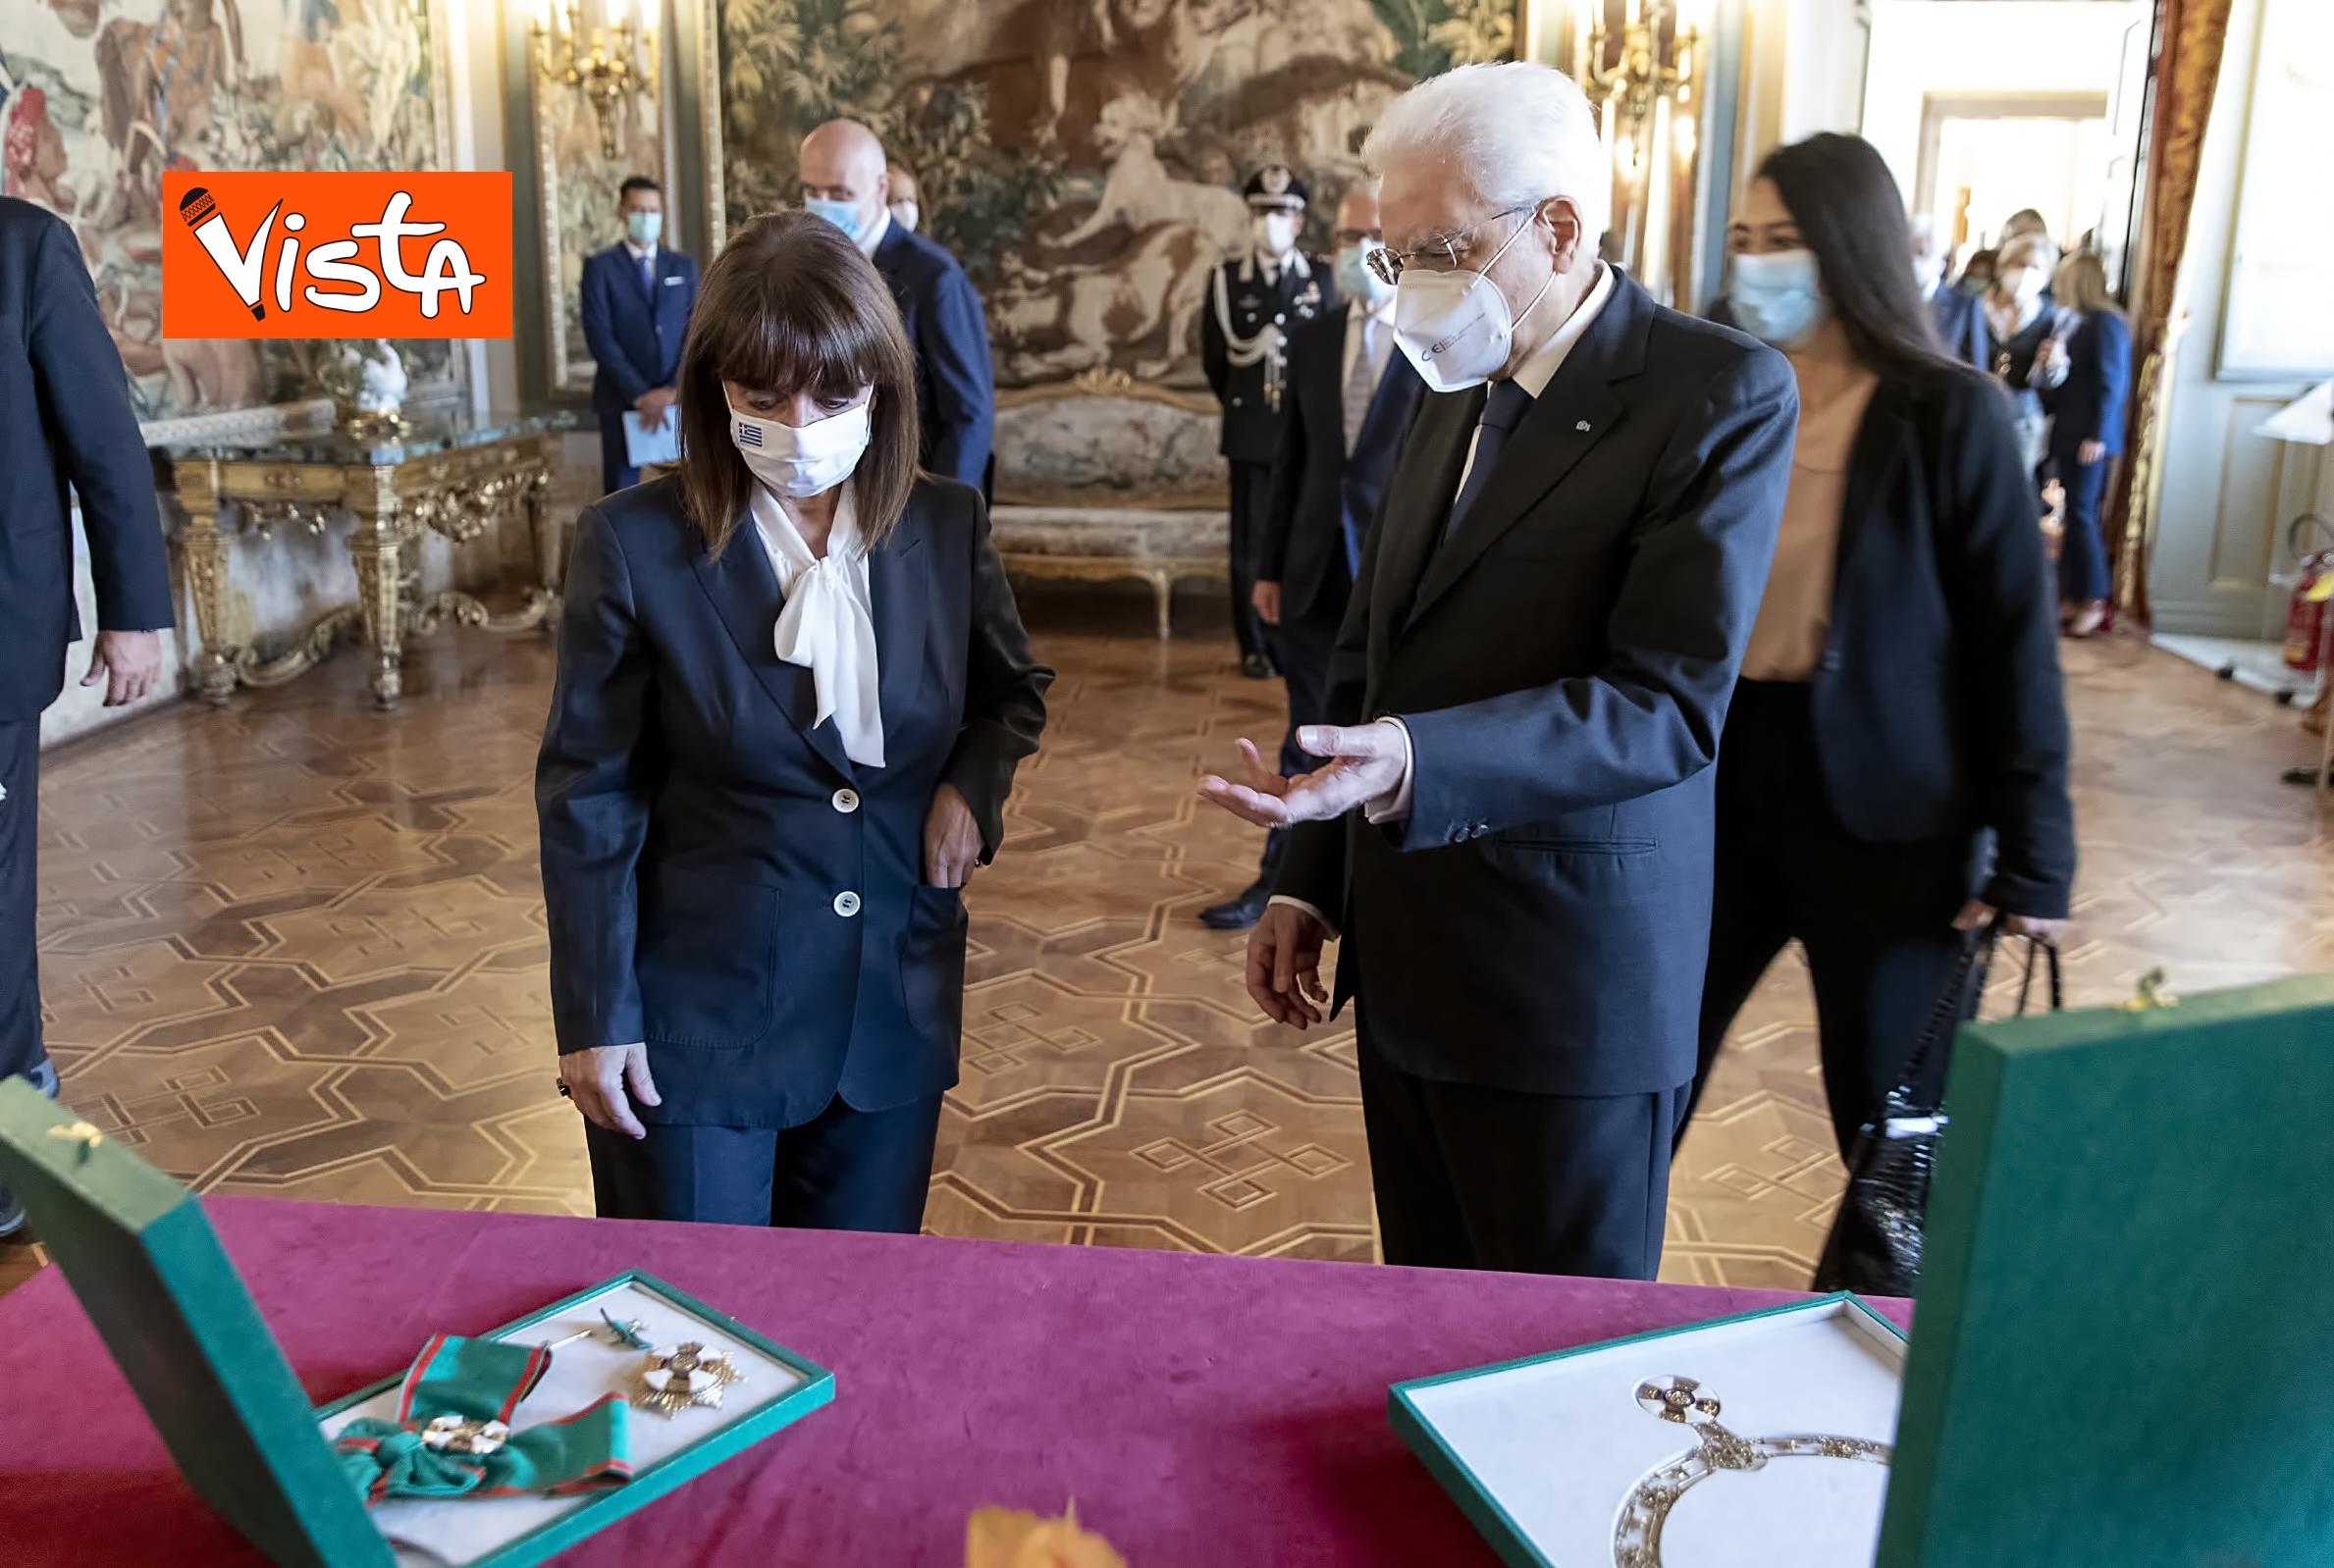 09-10-20 Mattarella riceve la Presidente della Repubblica Ellenica Sakellaropoulou, le immagini_10